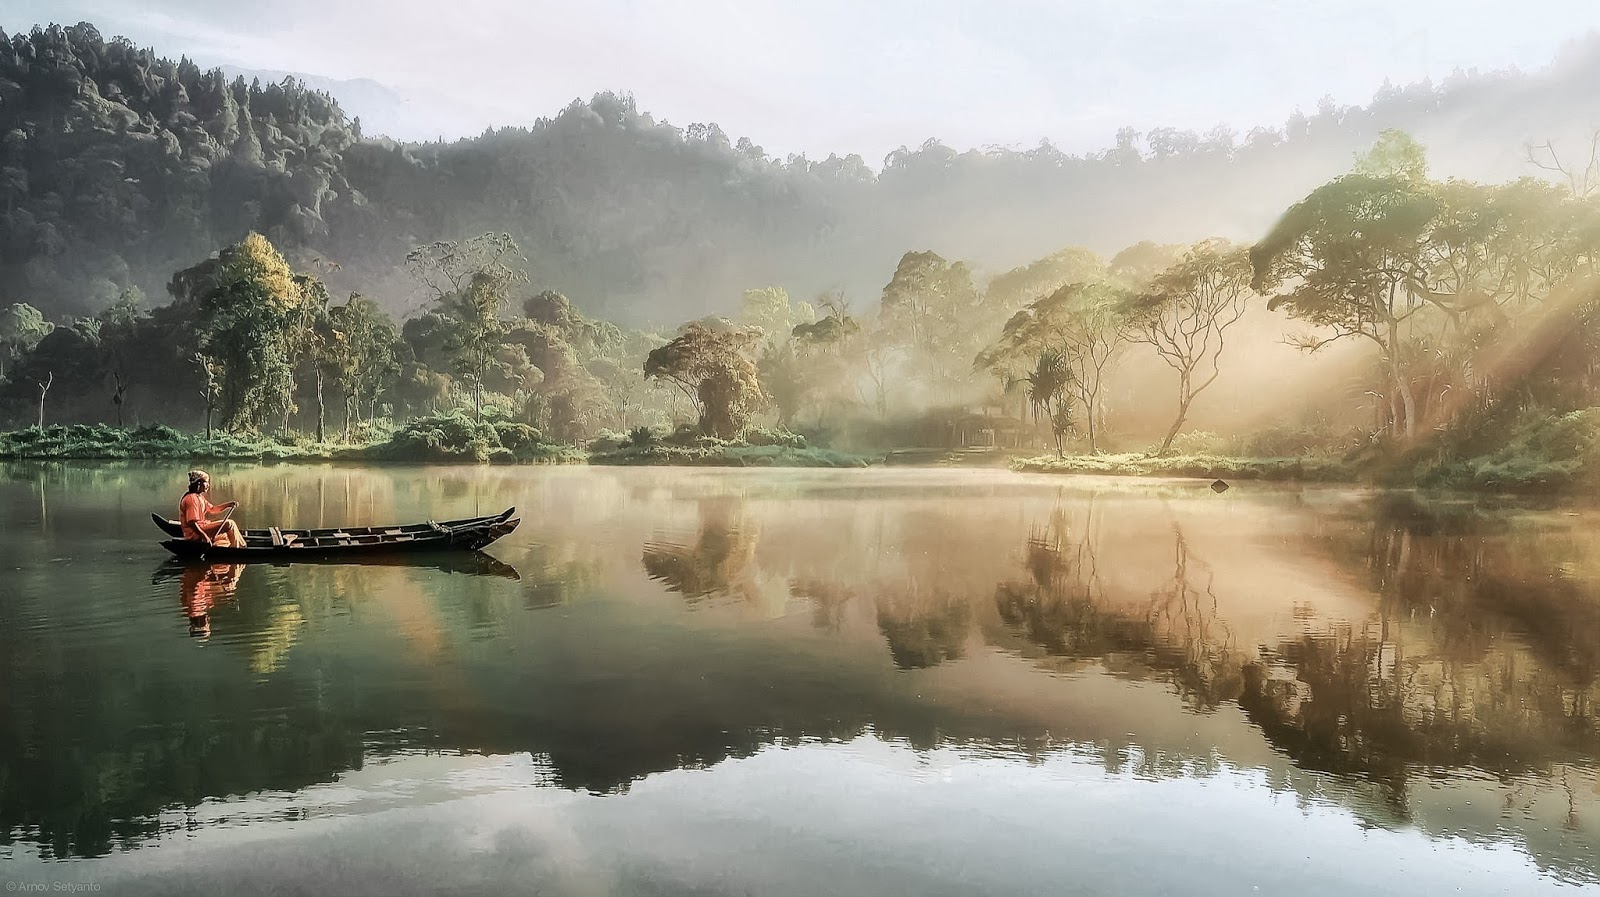 gambar 1 - wisata danau situ gunung